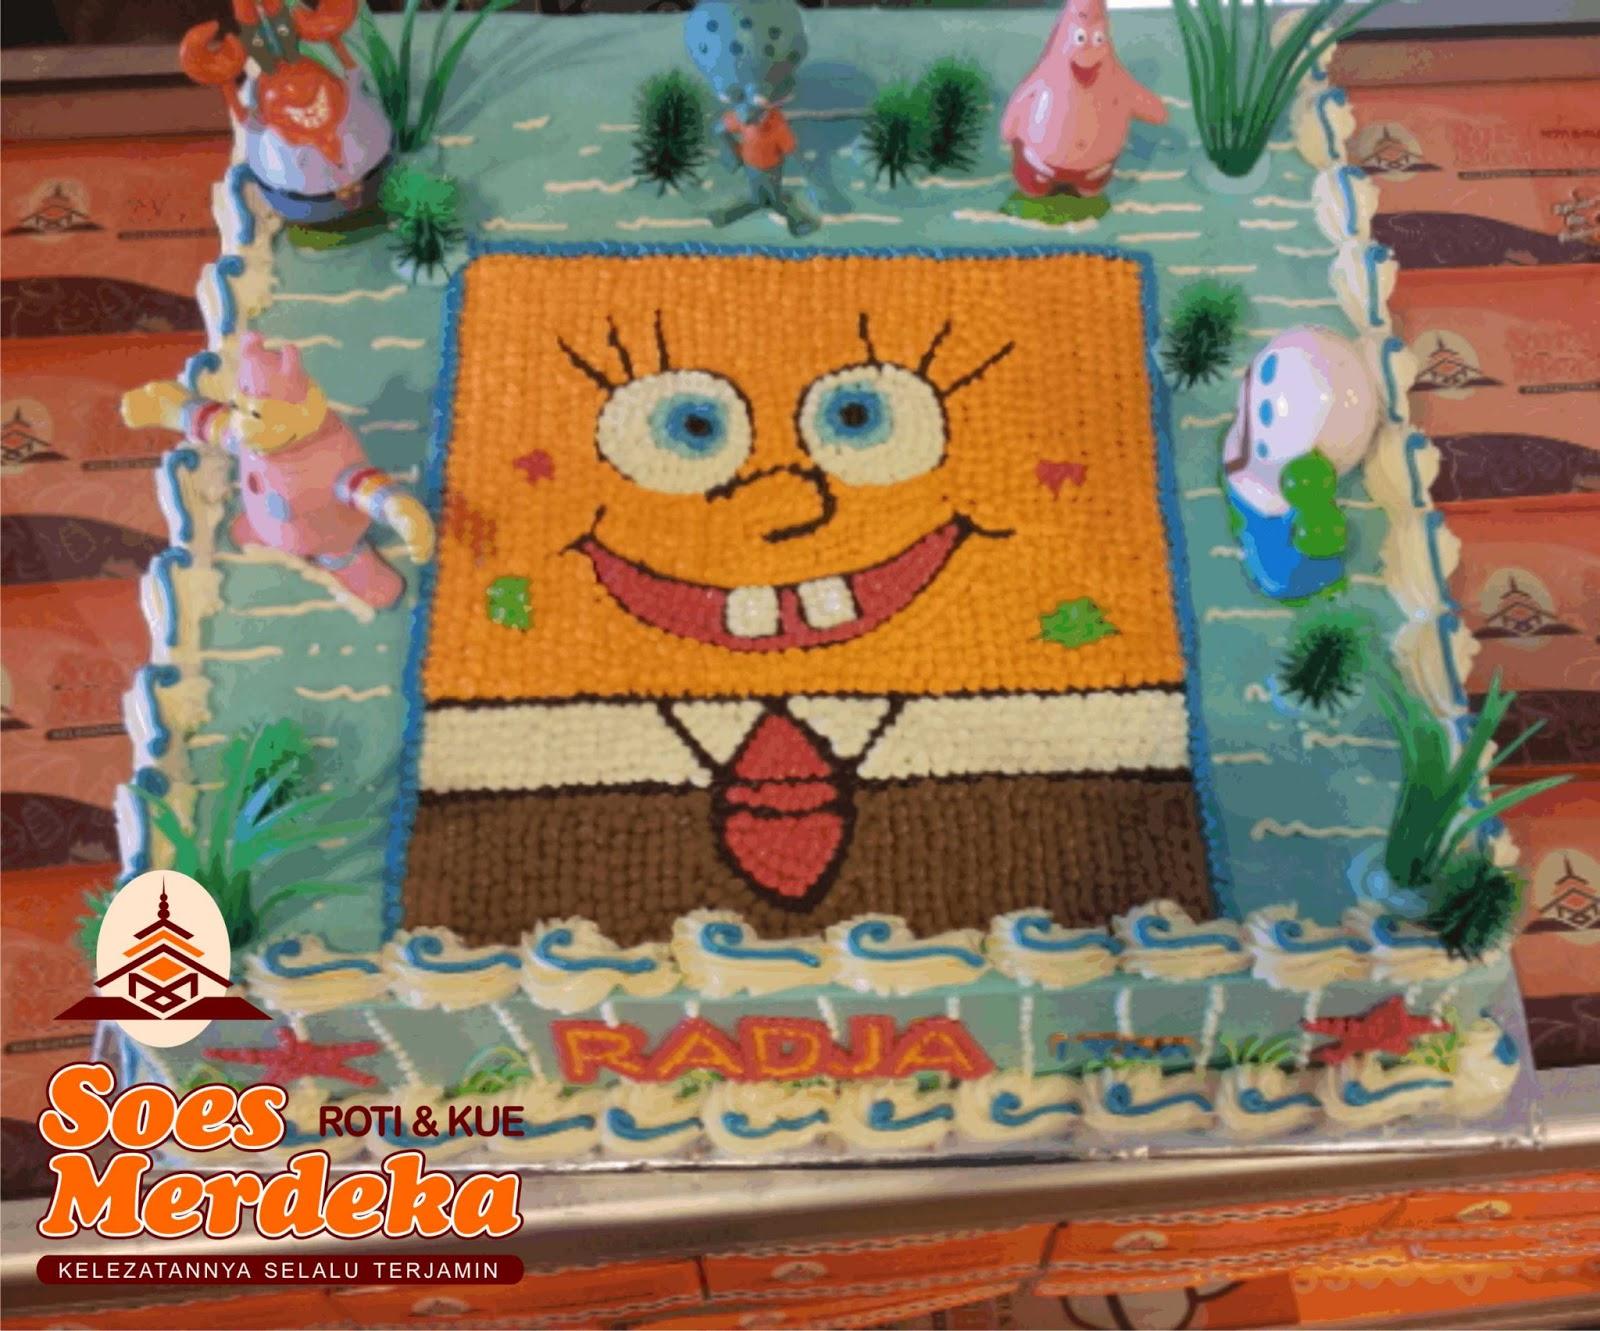 ... kue ulang tahun anak, kami pun menerima pesanan kue ulang tahun